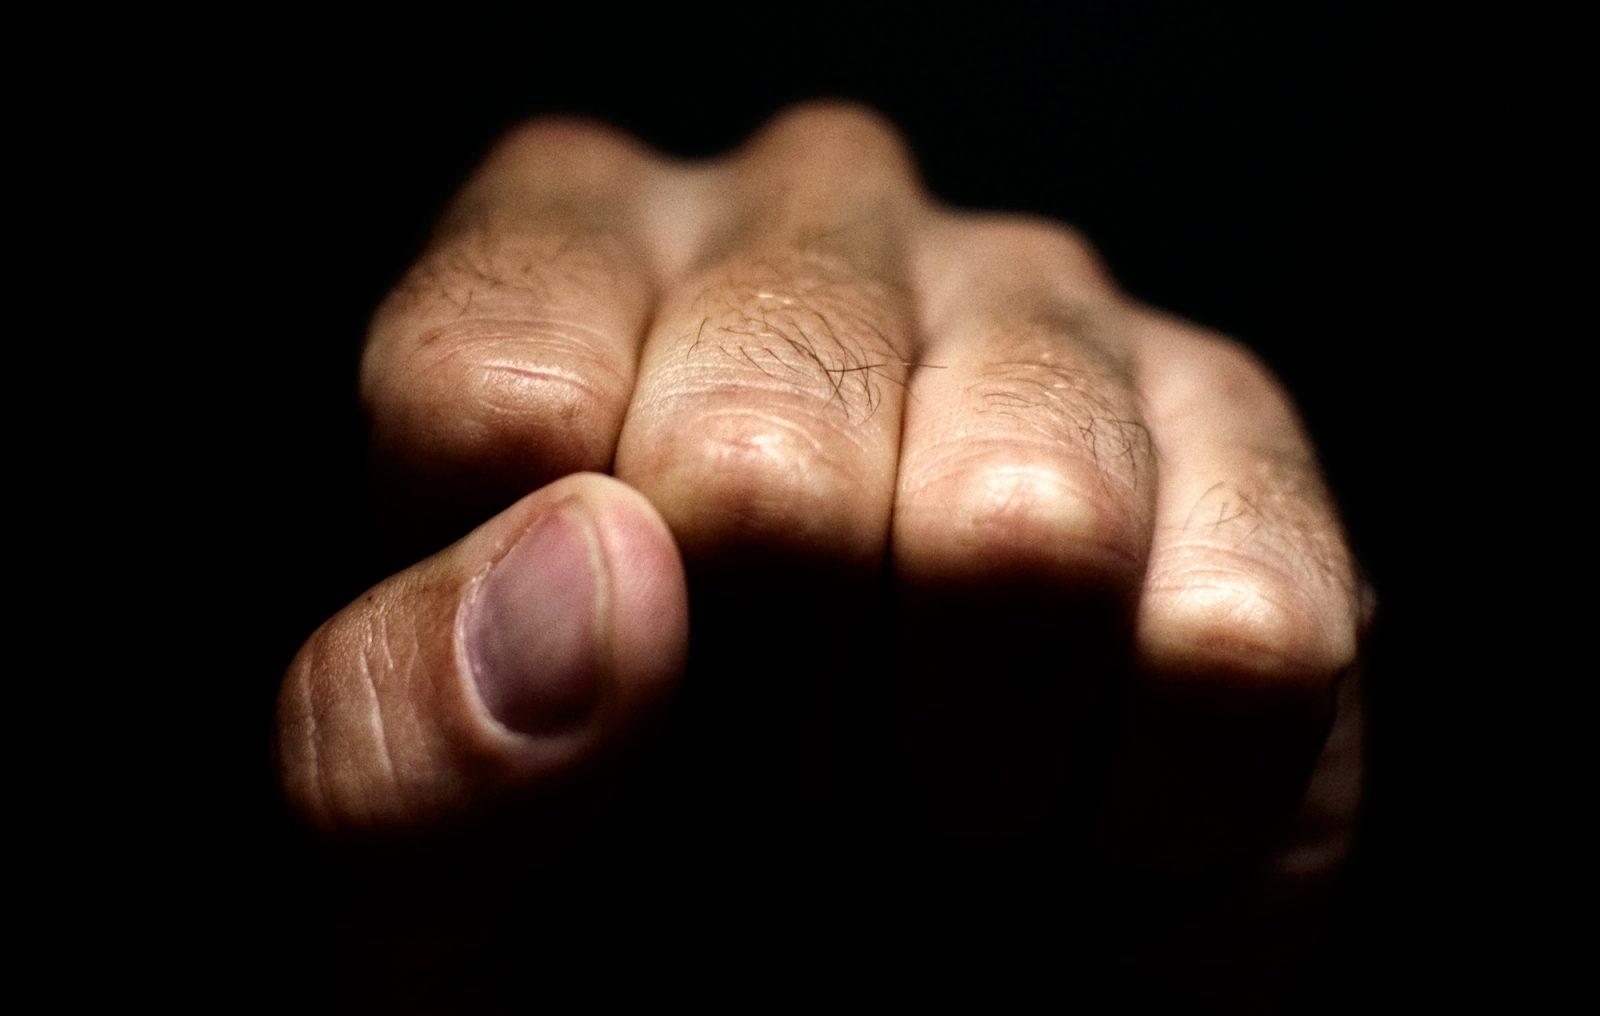 Violence conjugale : il ira réfléchir derrière les barreaux